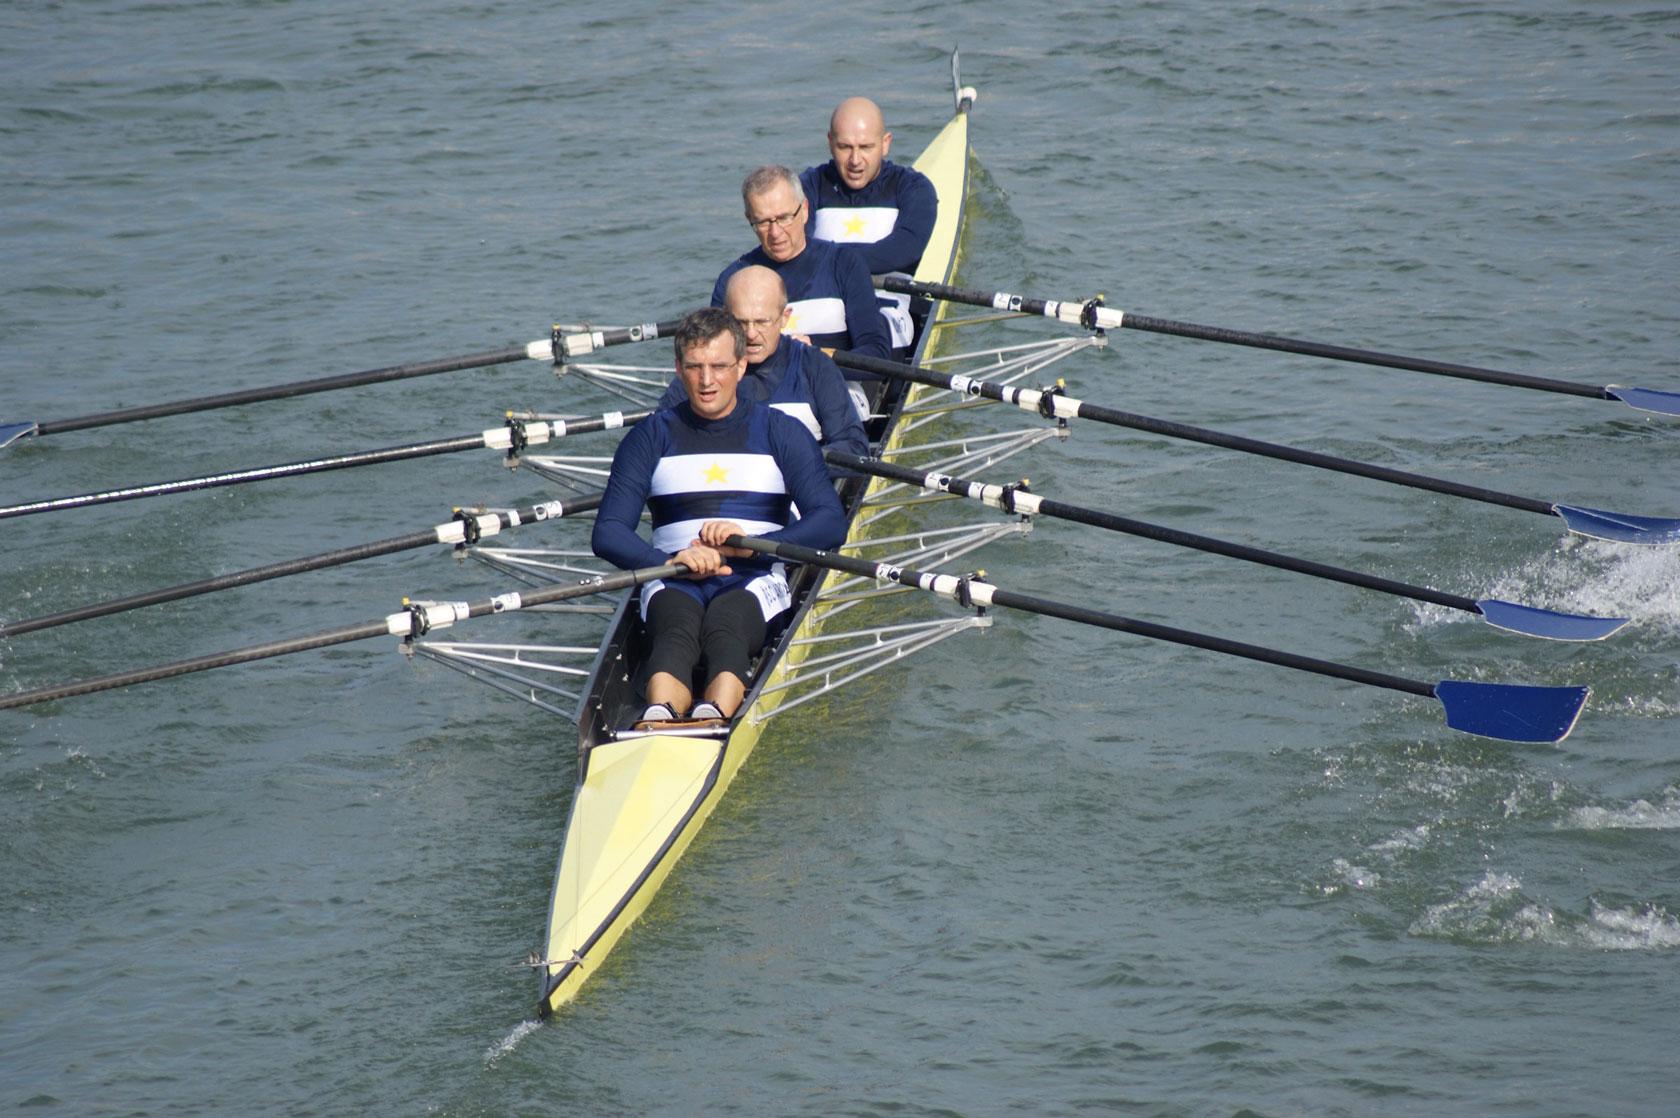 Appassionati canottieri in azione sul fiume Po.